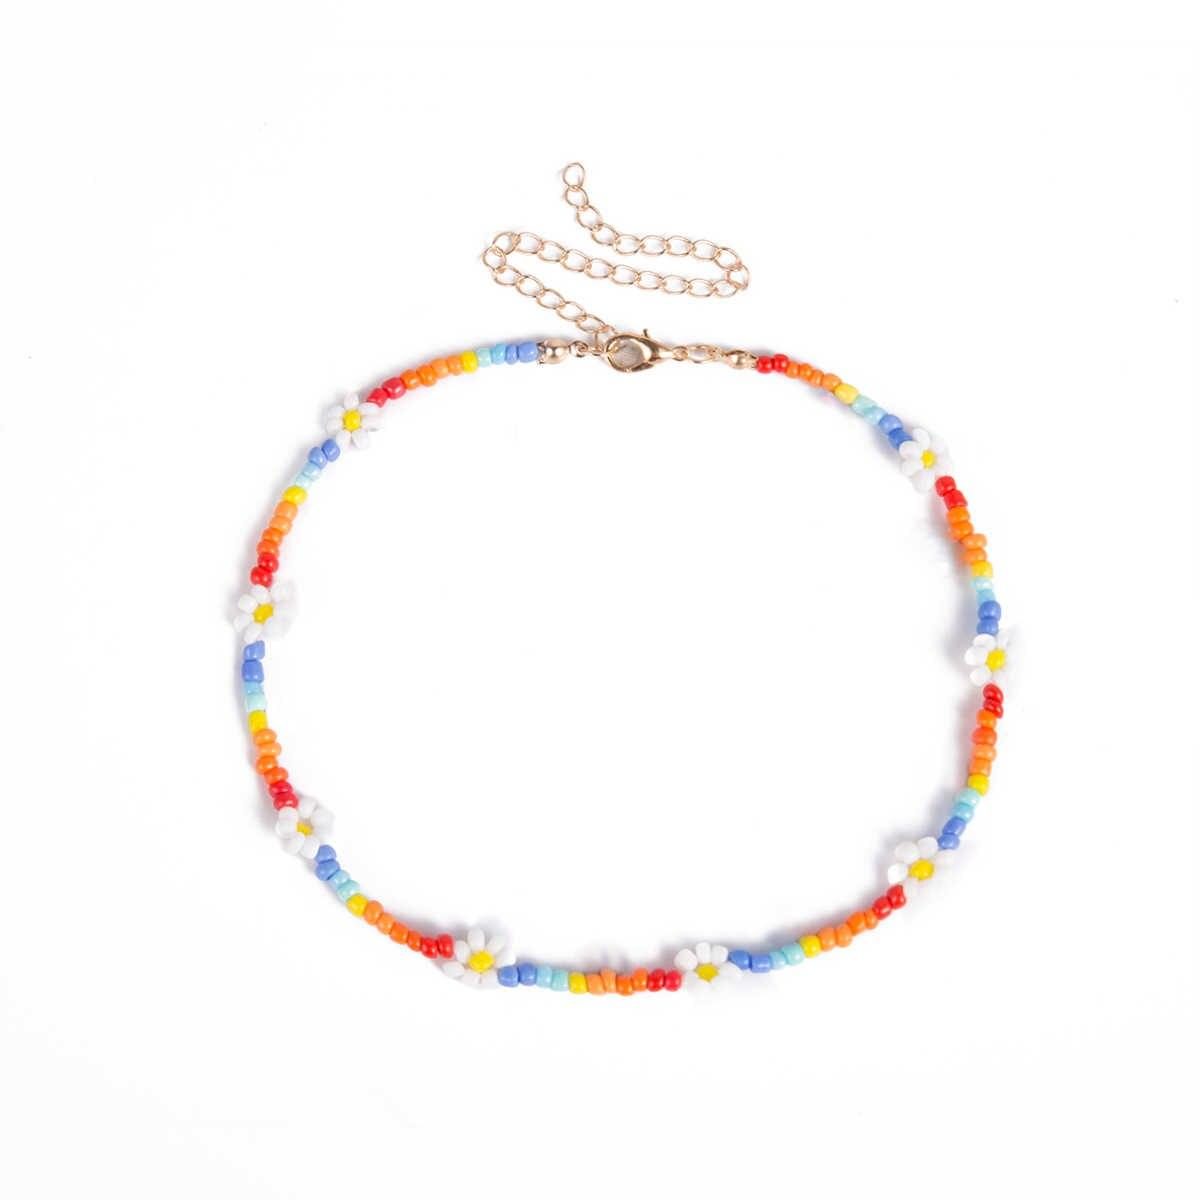 IngeSight.Z-collier ras du cou de graine colorée bohème, fleur, fleur, collier court, chaîne clavicule, pour femmes, bijoux